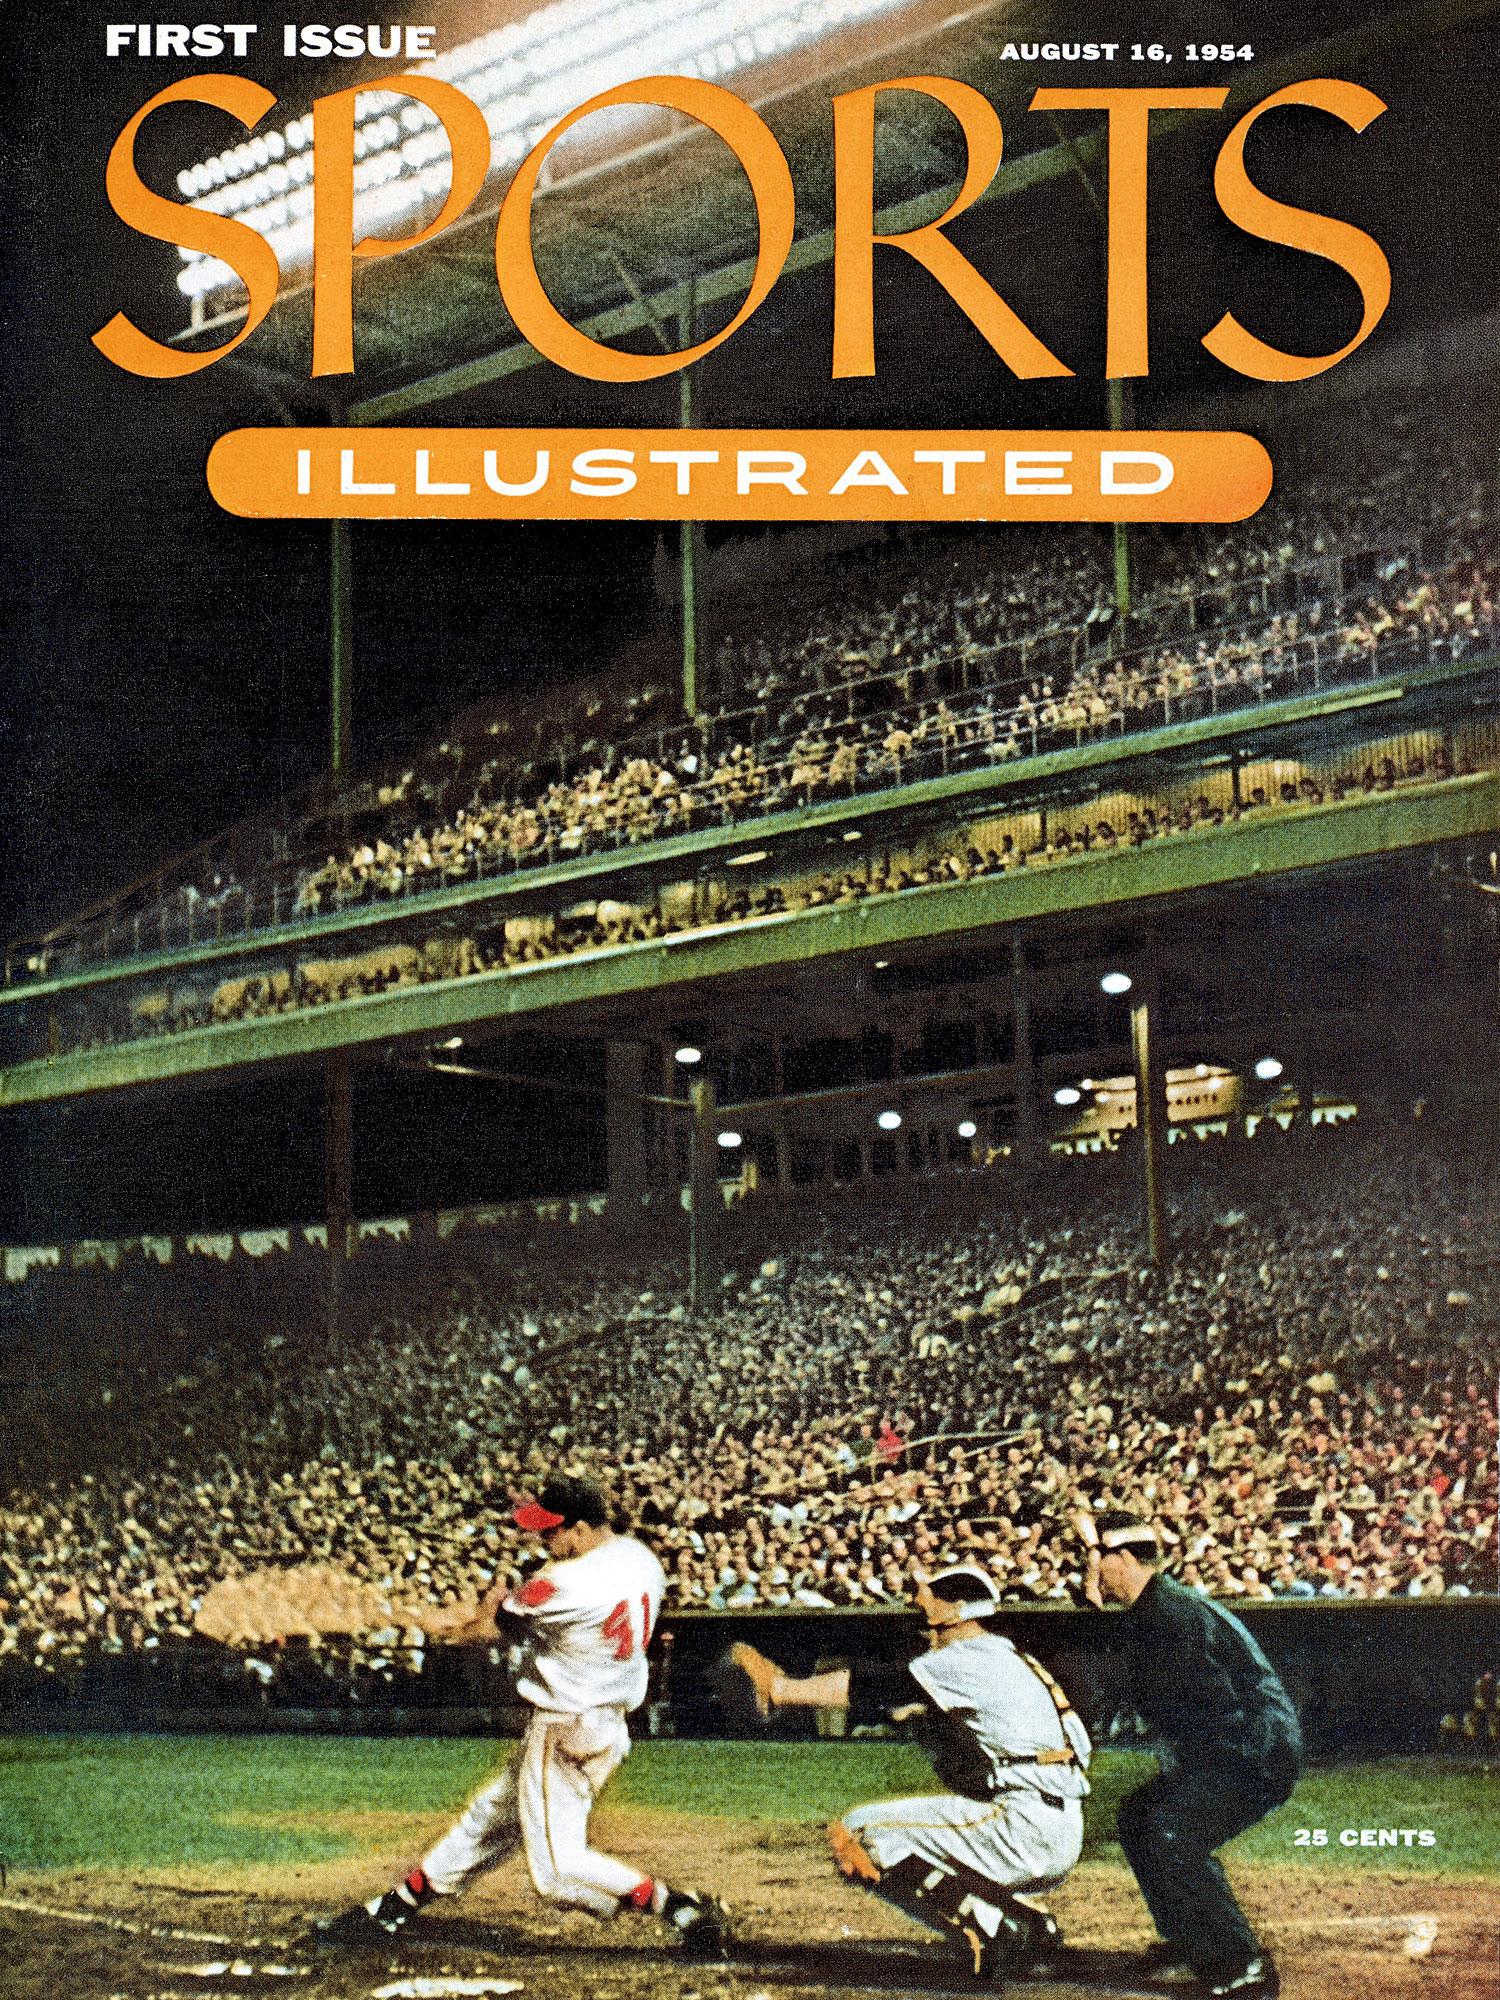 Eddie Mathews, Milwaukee Braves